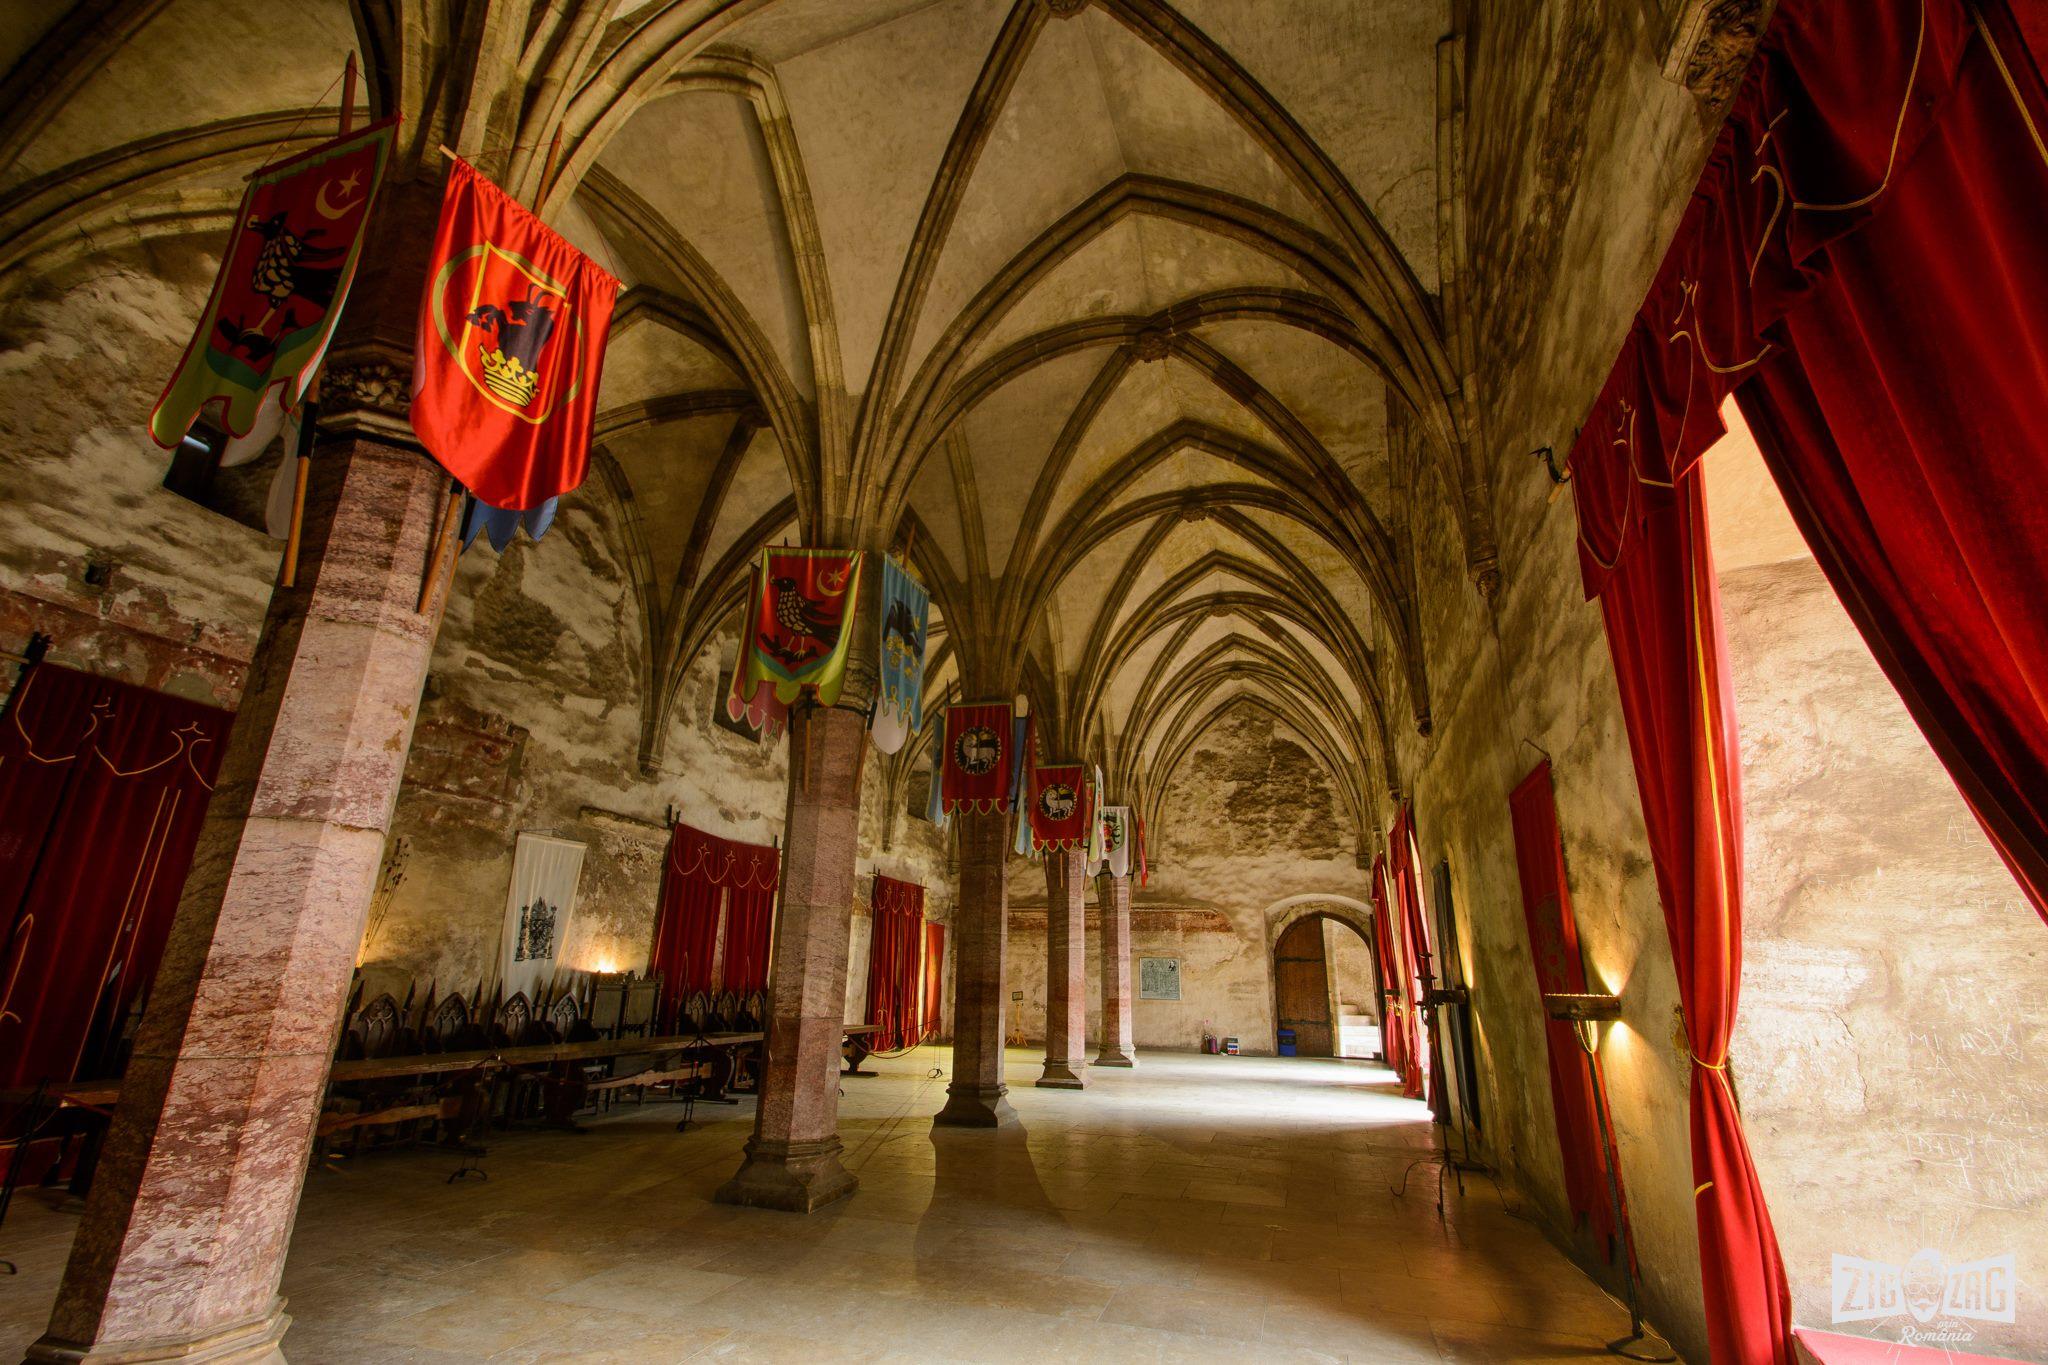 castelul corvinilor interior 1